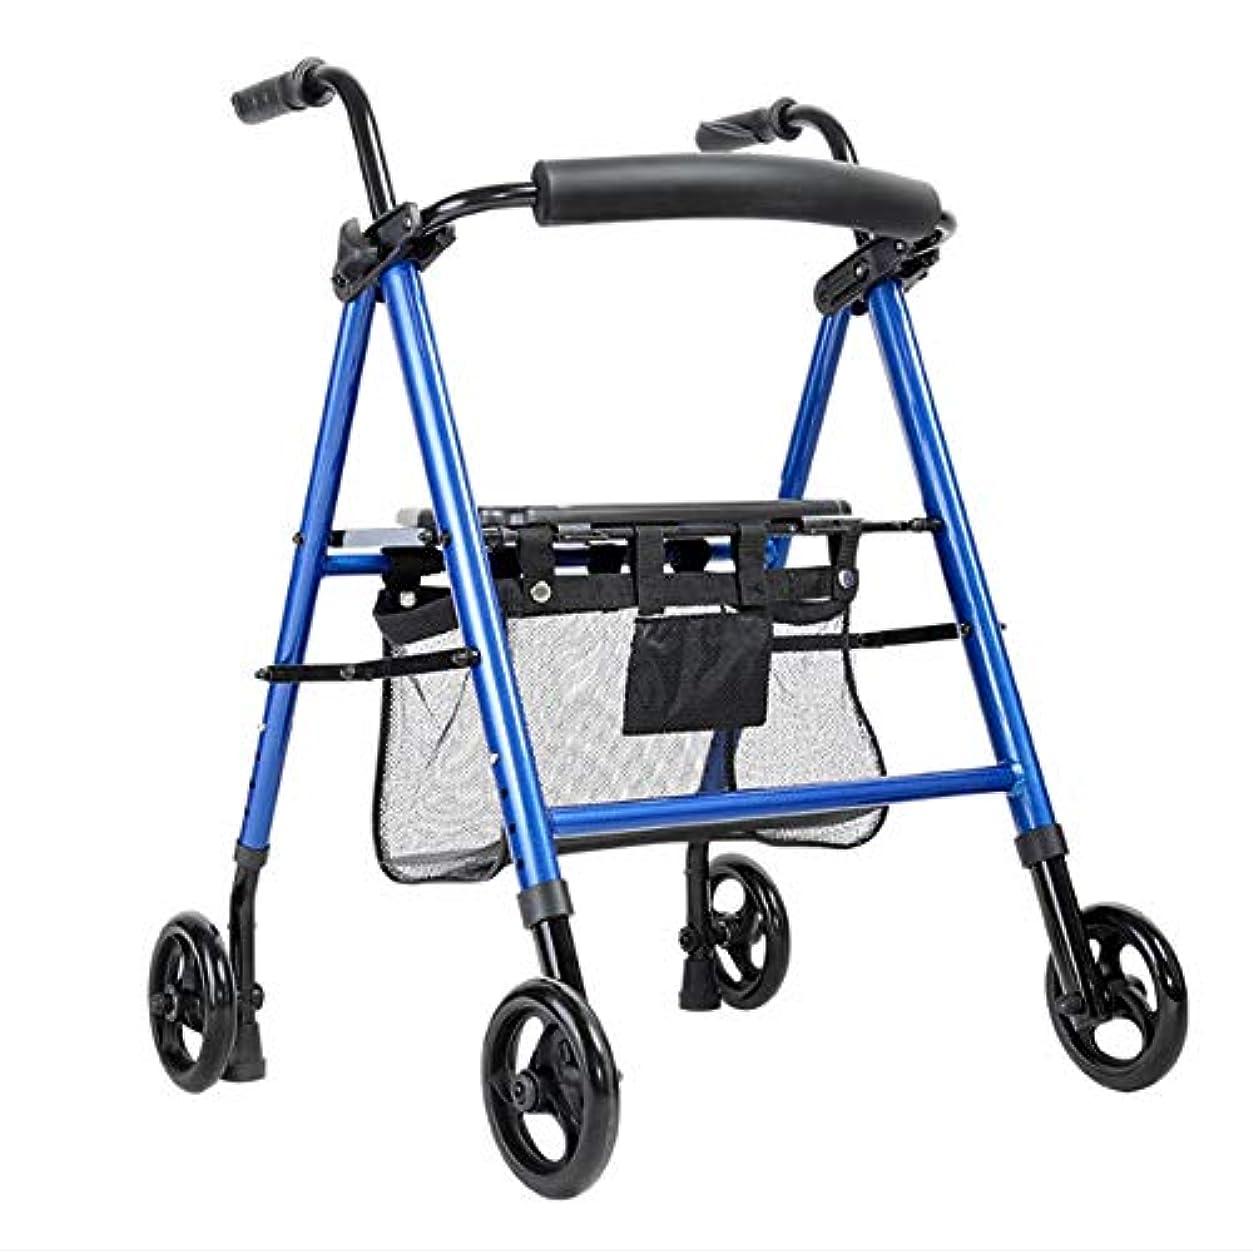 高齢者緩む出席する四輪ヘビーデューティーウォーカー、ウォーカー、高齢者、手術後、怪我用の休憩シート